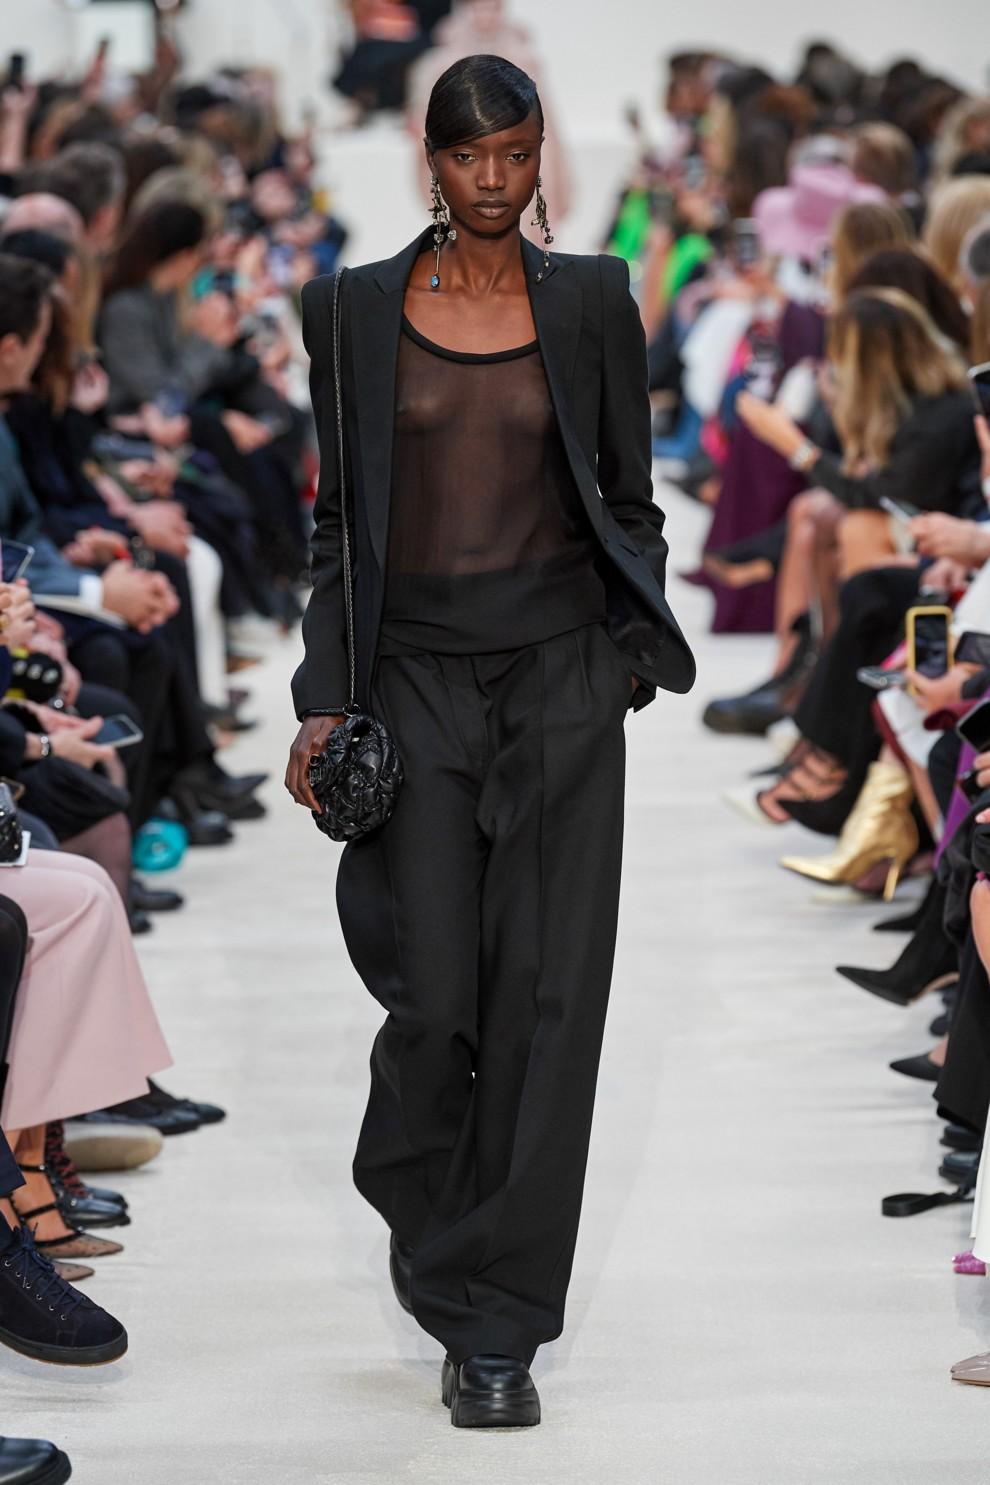 Брюки-палаццо - женственные и элегантные. Valentino